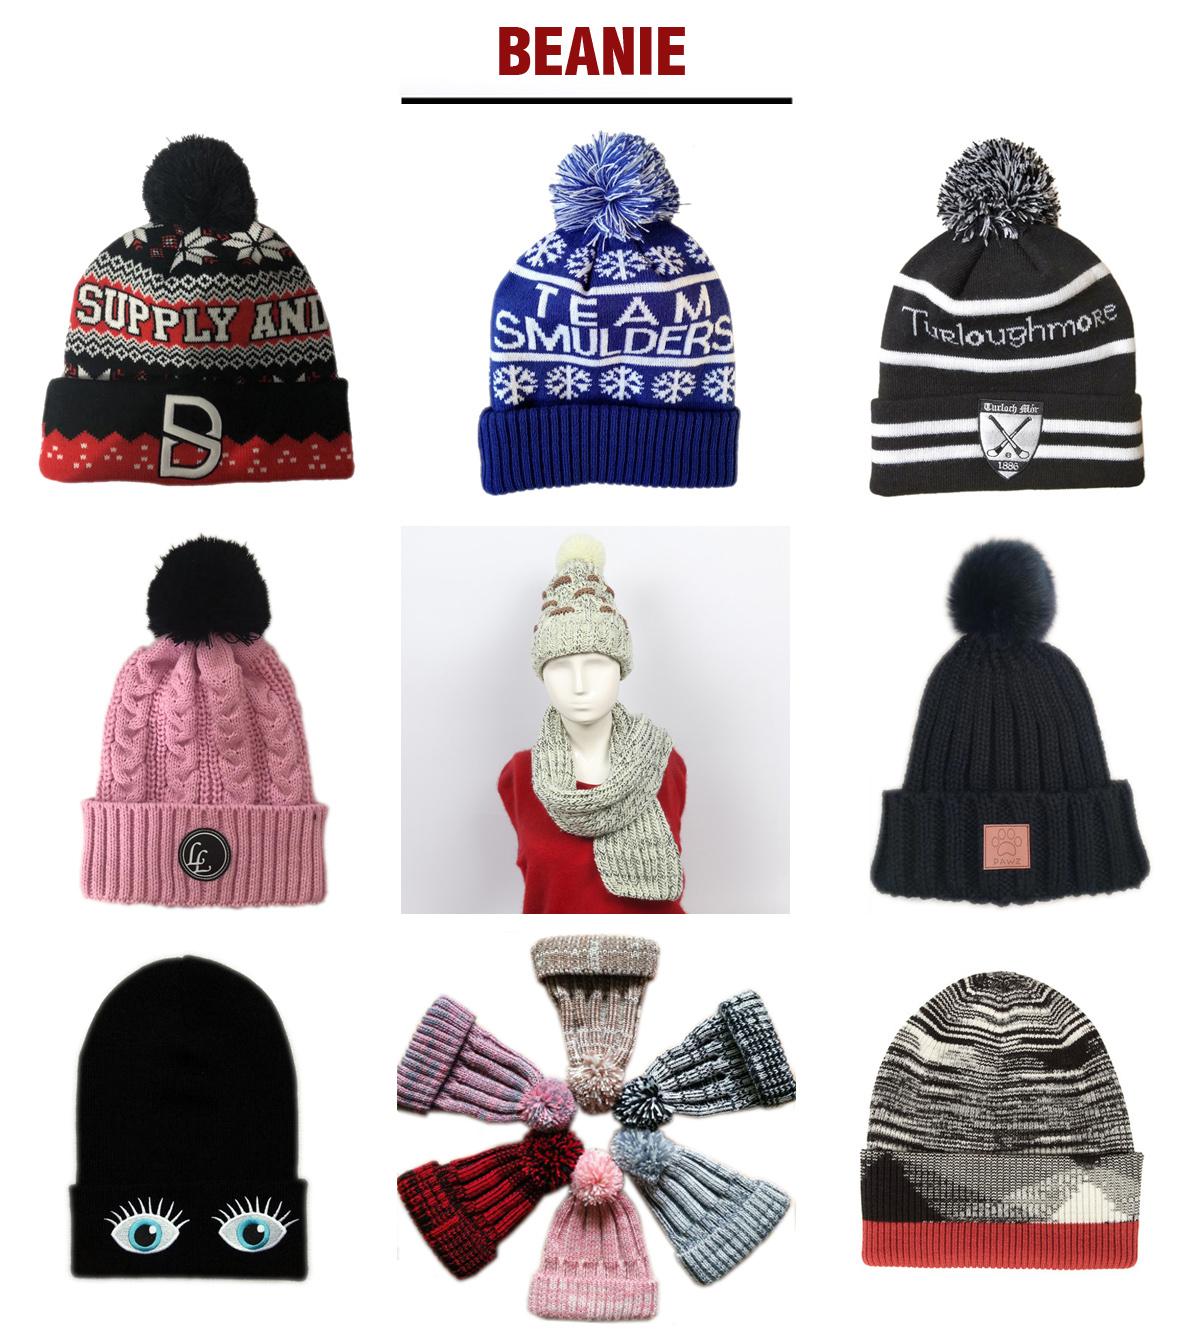 子供サイズ大手紙ビーニー刺繍ロゴニット帽子トップボールと冬